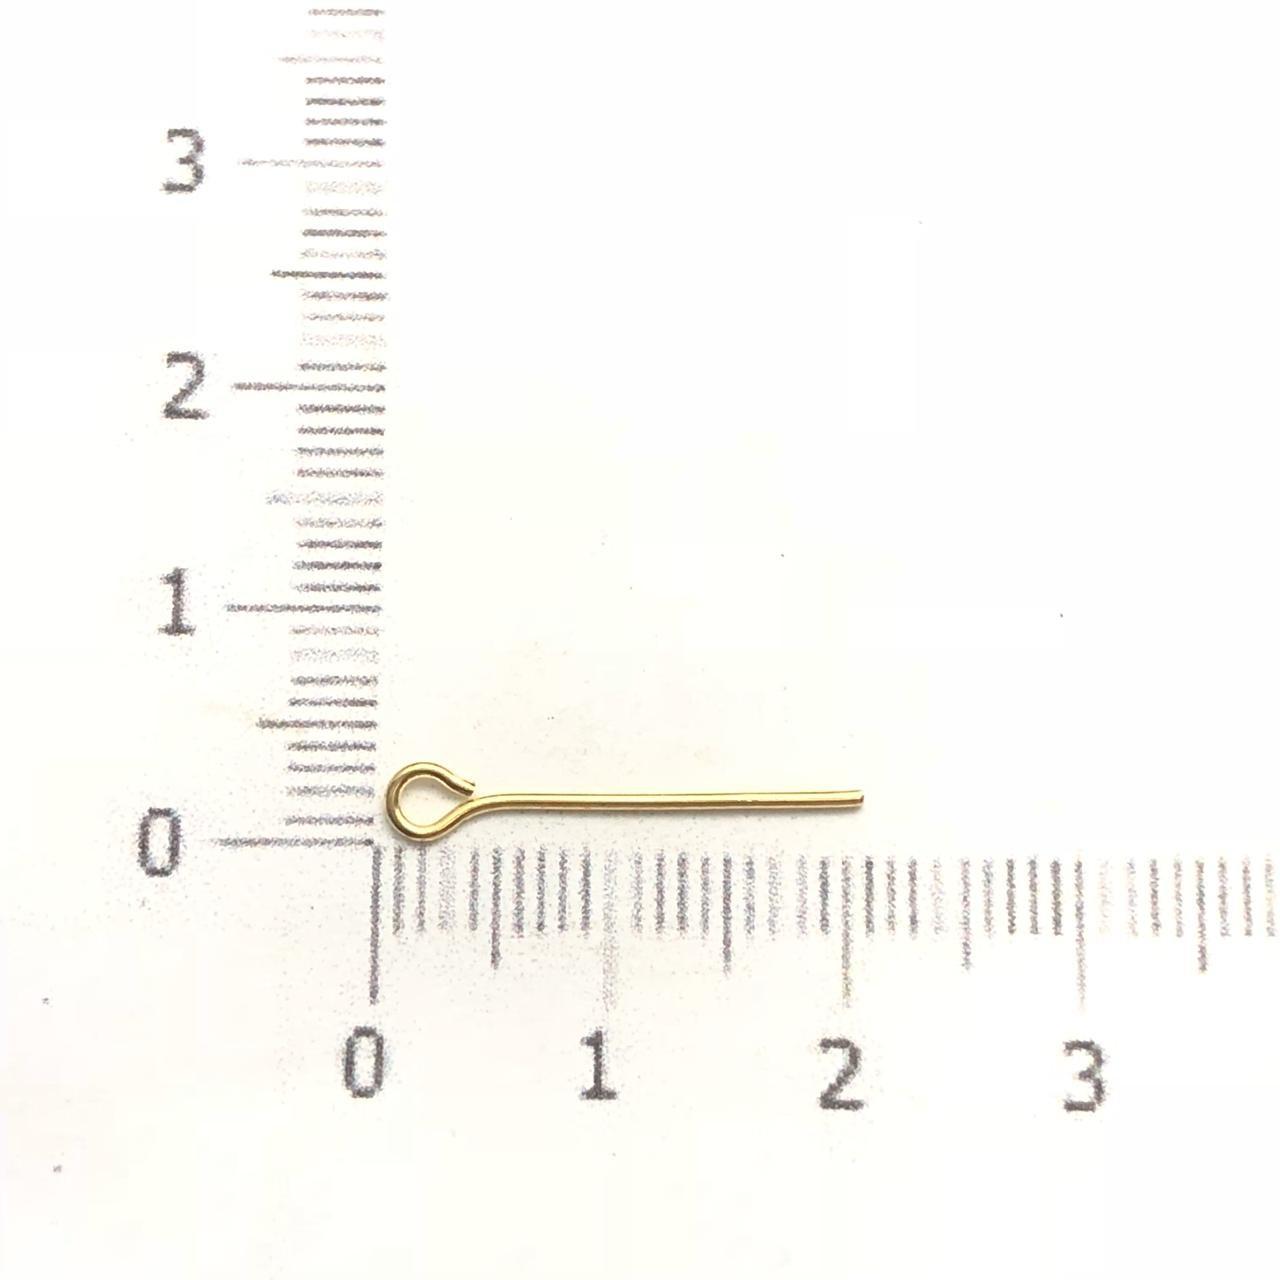 AC138 - ContraPino 2cm Folheado 1mls ouro - 5Grs